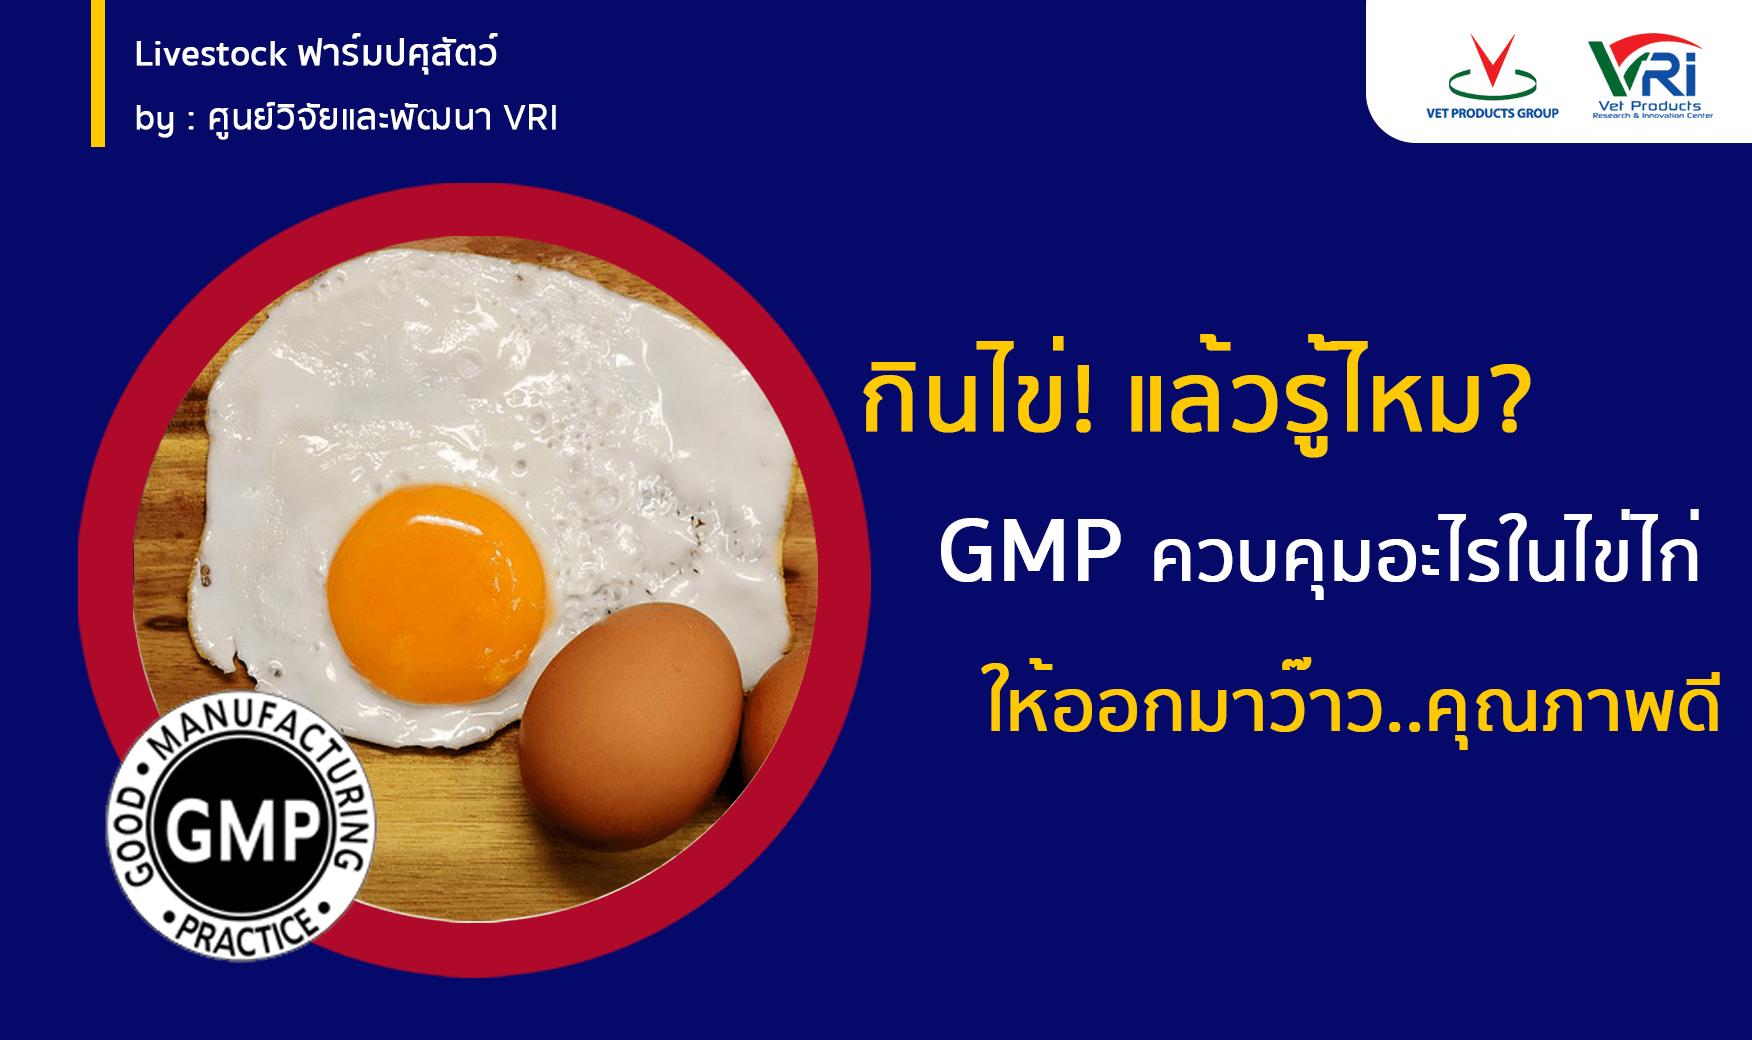 กินไข่! แล้วรู้ไหม? GMP ควบคุมอะไรในไข่ไก่ ให้ออกมาว๊าว..คุณภาพดี